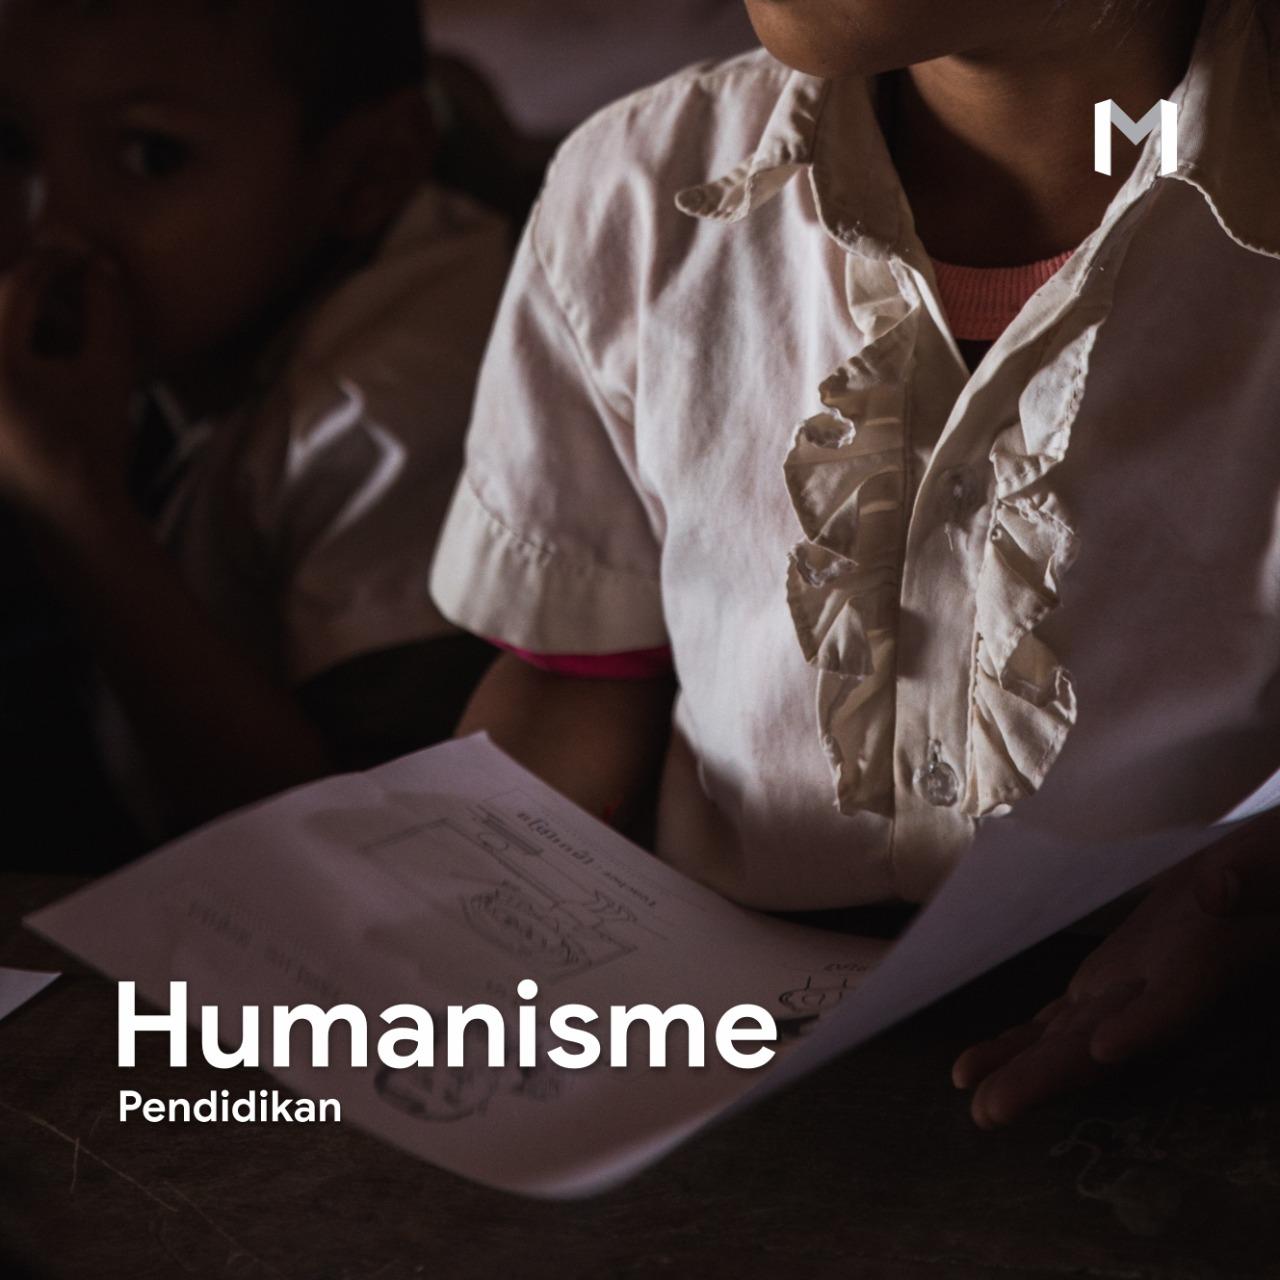 Humanisme Pendidikan